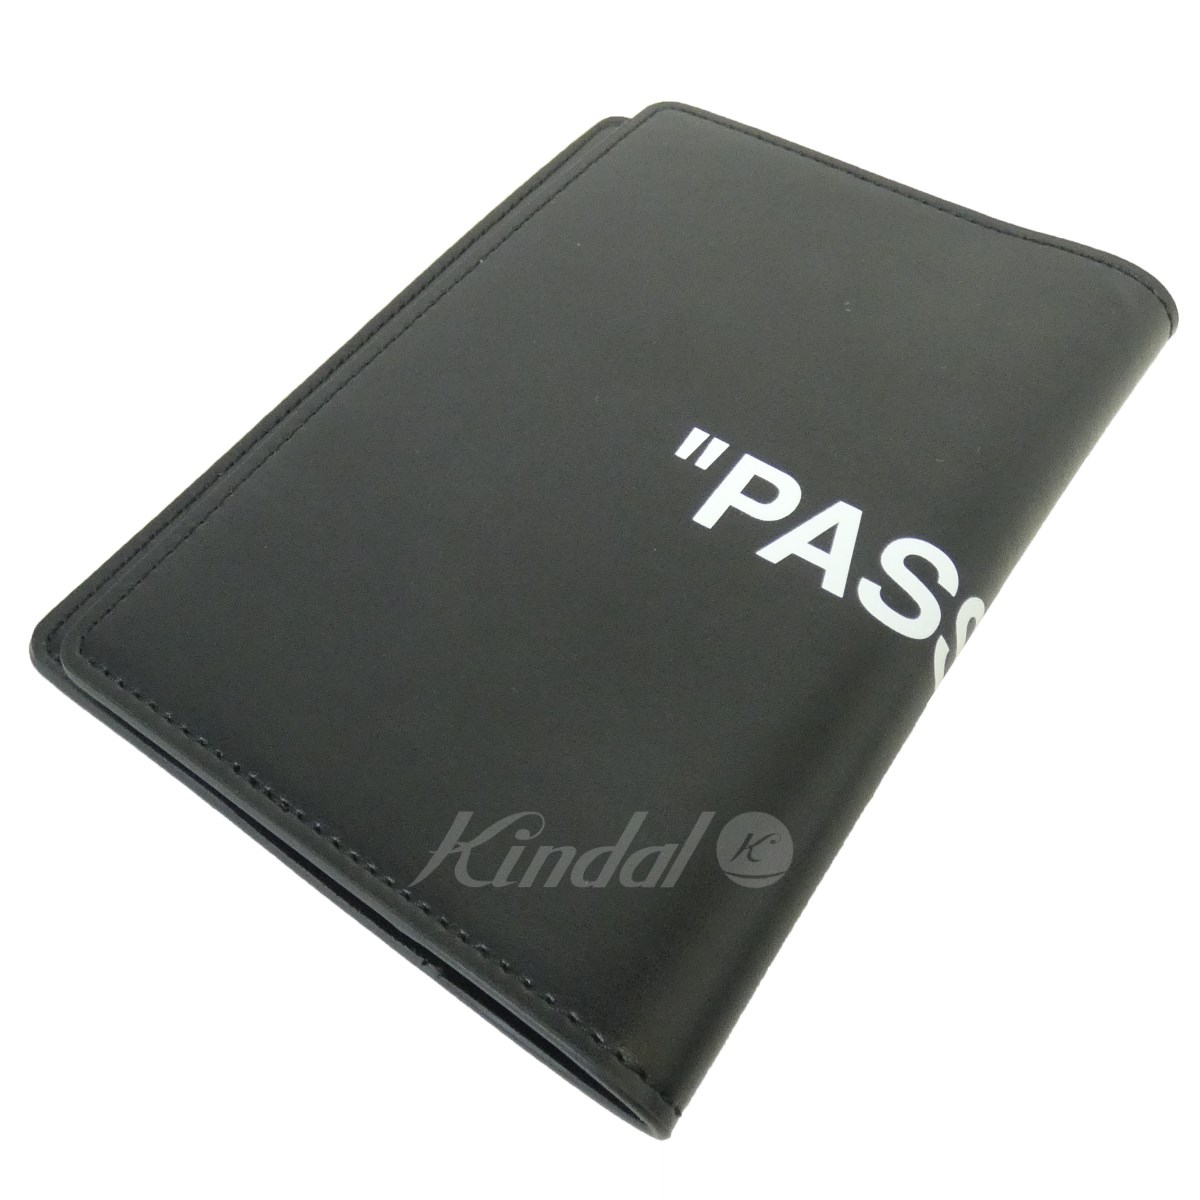 【中古】OFF WHITE 「QUOTE PASSPORT WALLET」 レザーパスポートケース ブラック サイズ:0/S 【100419】(オフホワイト)